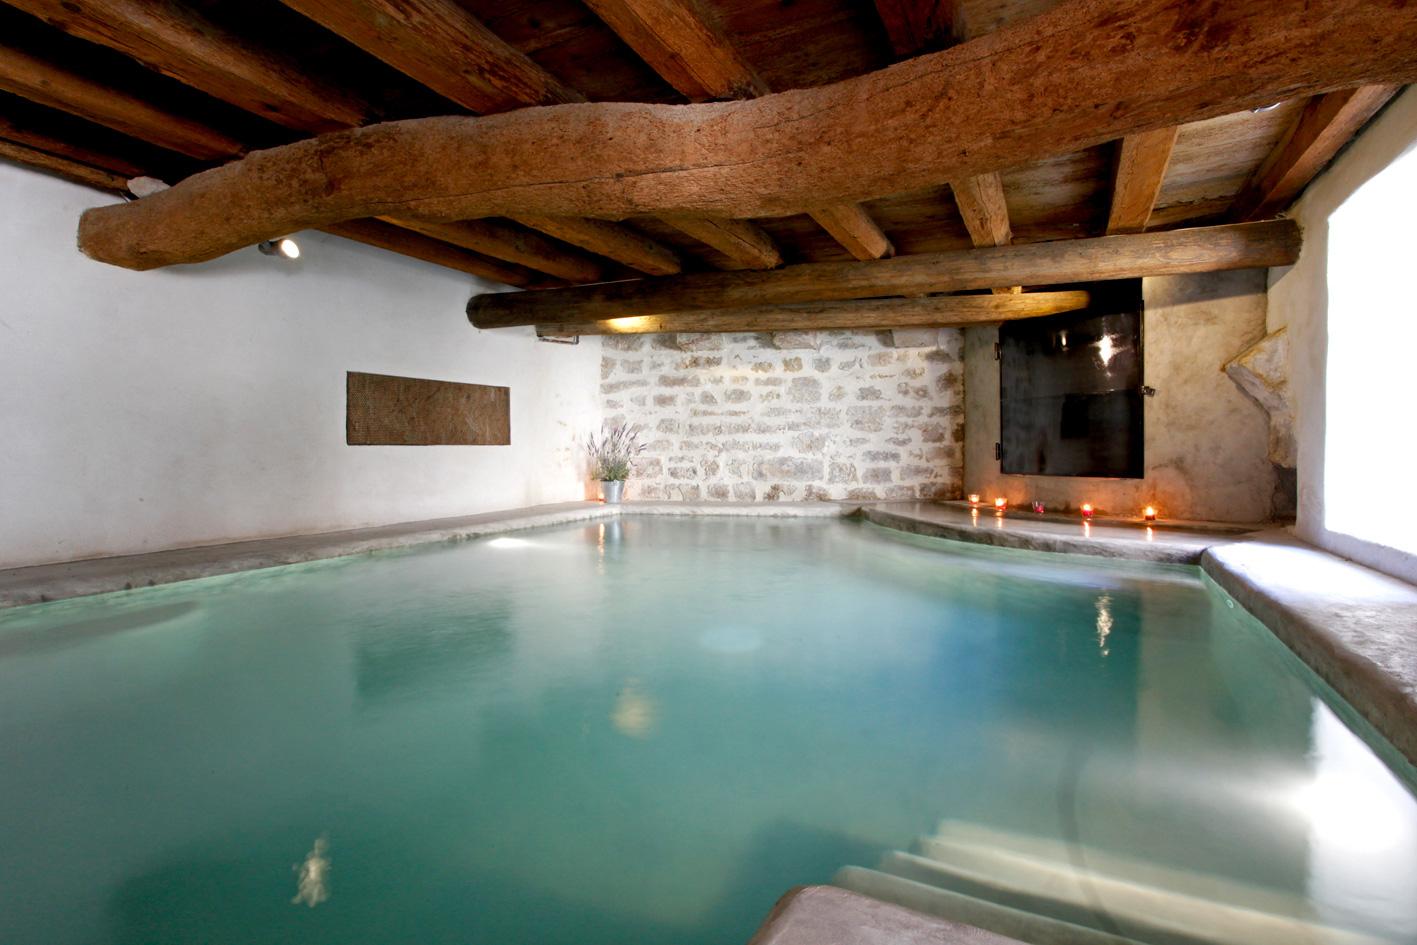 Provence Maison Avec Piscine Couverte tout Location Avec Piscine Couverte